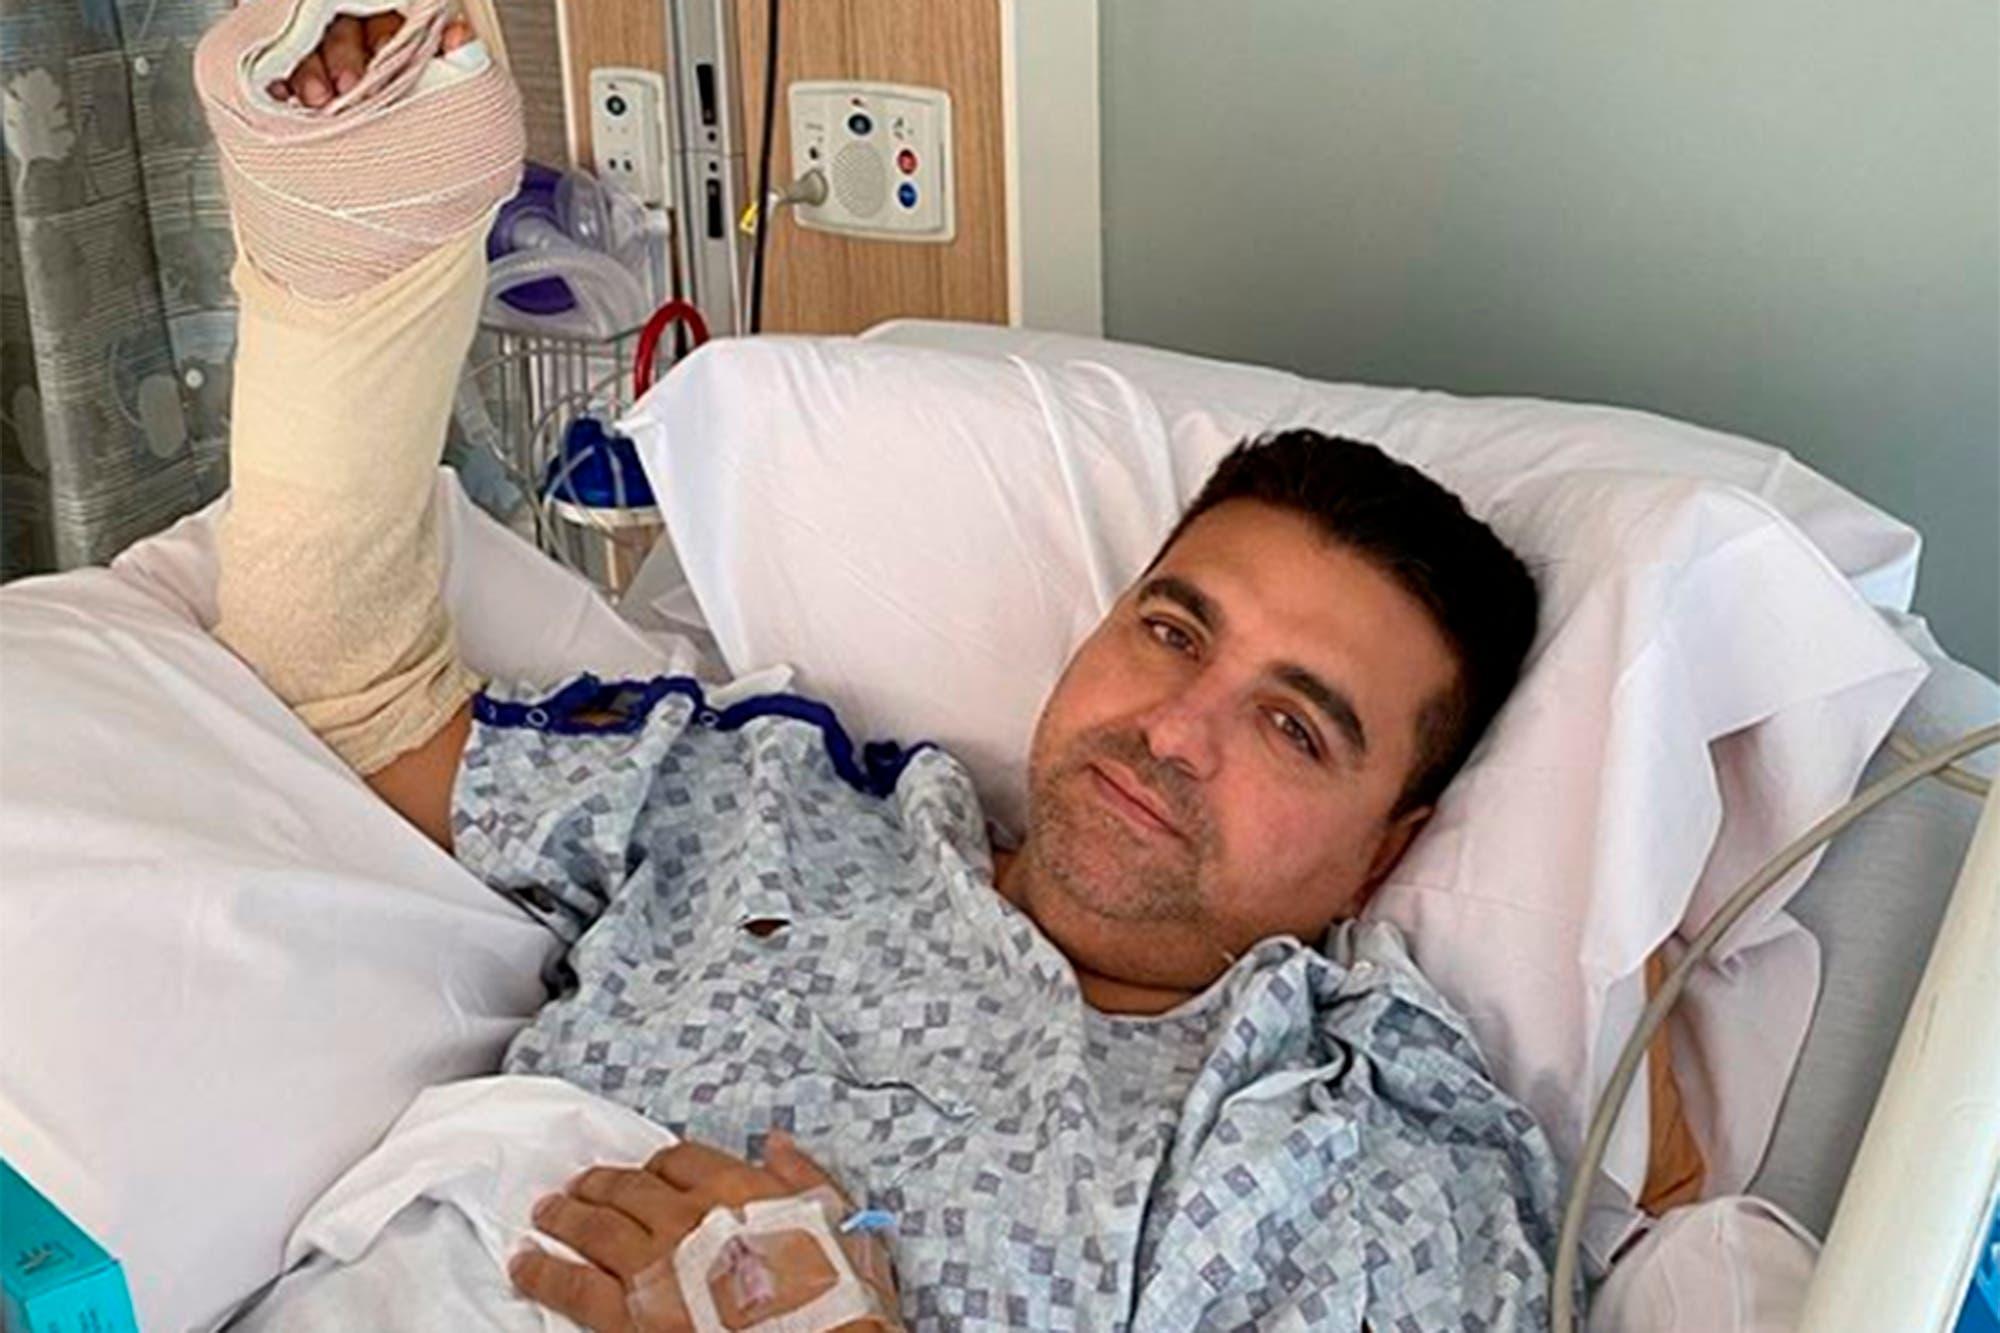 Buddy Valastro, del reality Cake Boss, sufrió un grave accidente en su mano derecha